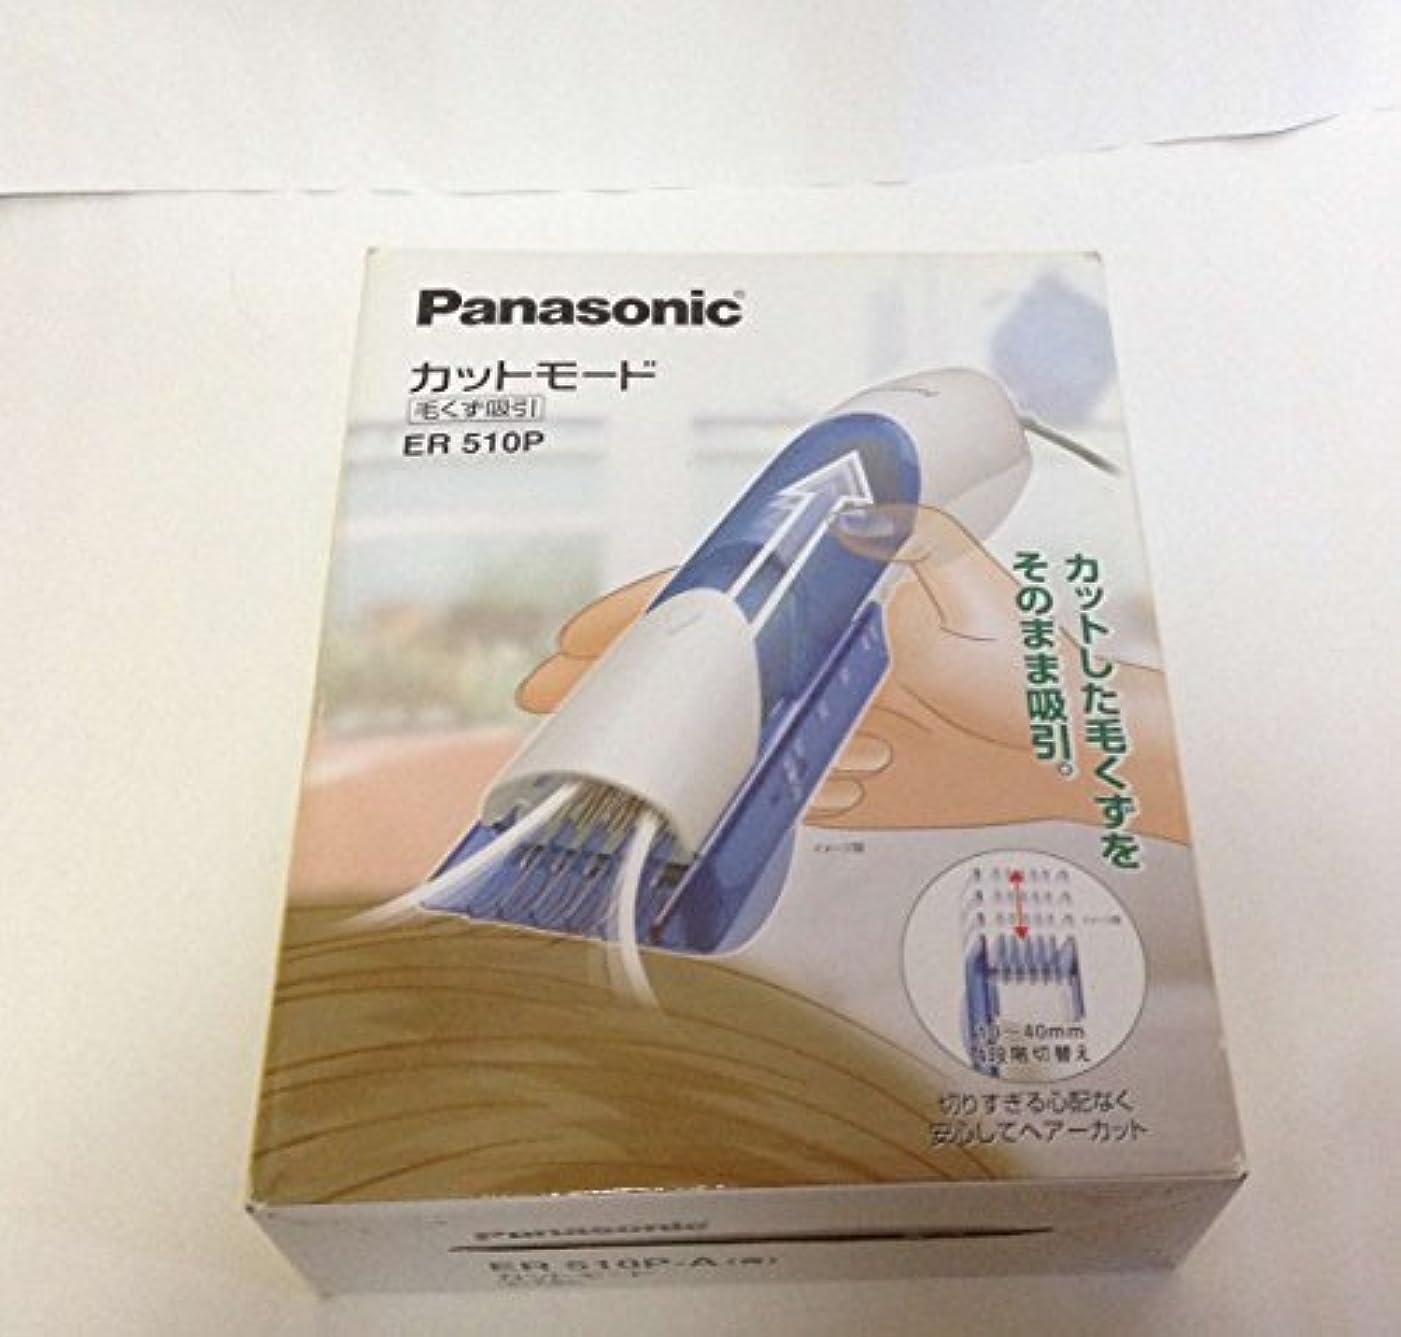 ポジティブアシュリータファーマン製油所パナソニック カットモード 毛くず吸引 青 ER510P-A